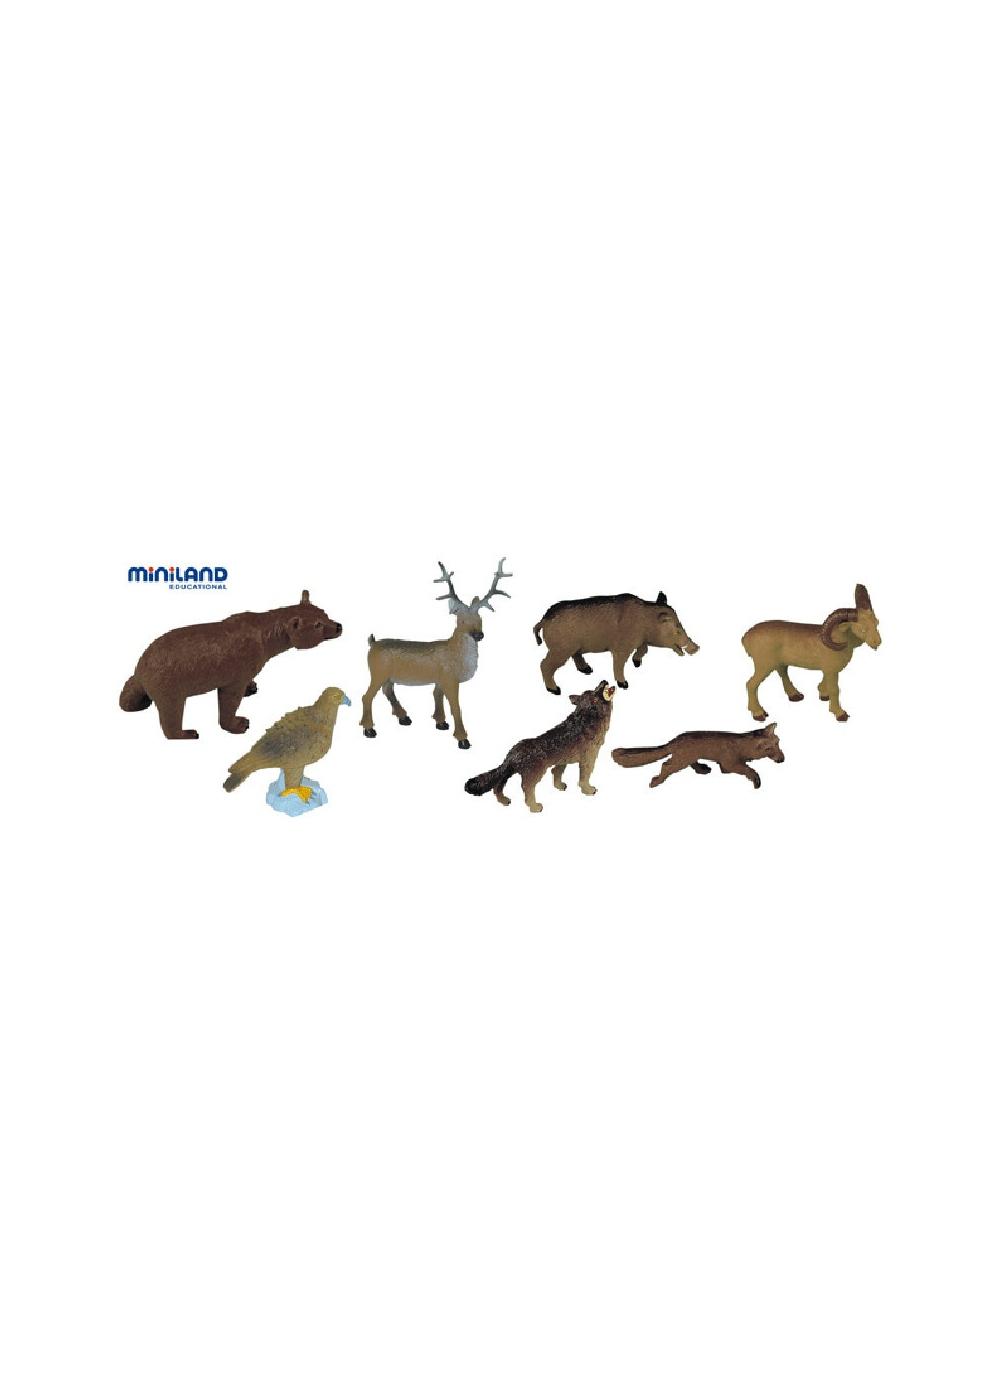 Del Figuras 8 En Con Bote Asa Bosque Diversal Animales es m0vNwnO8Py